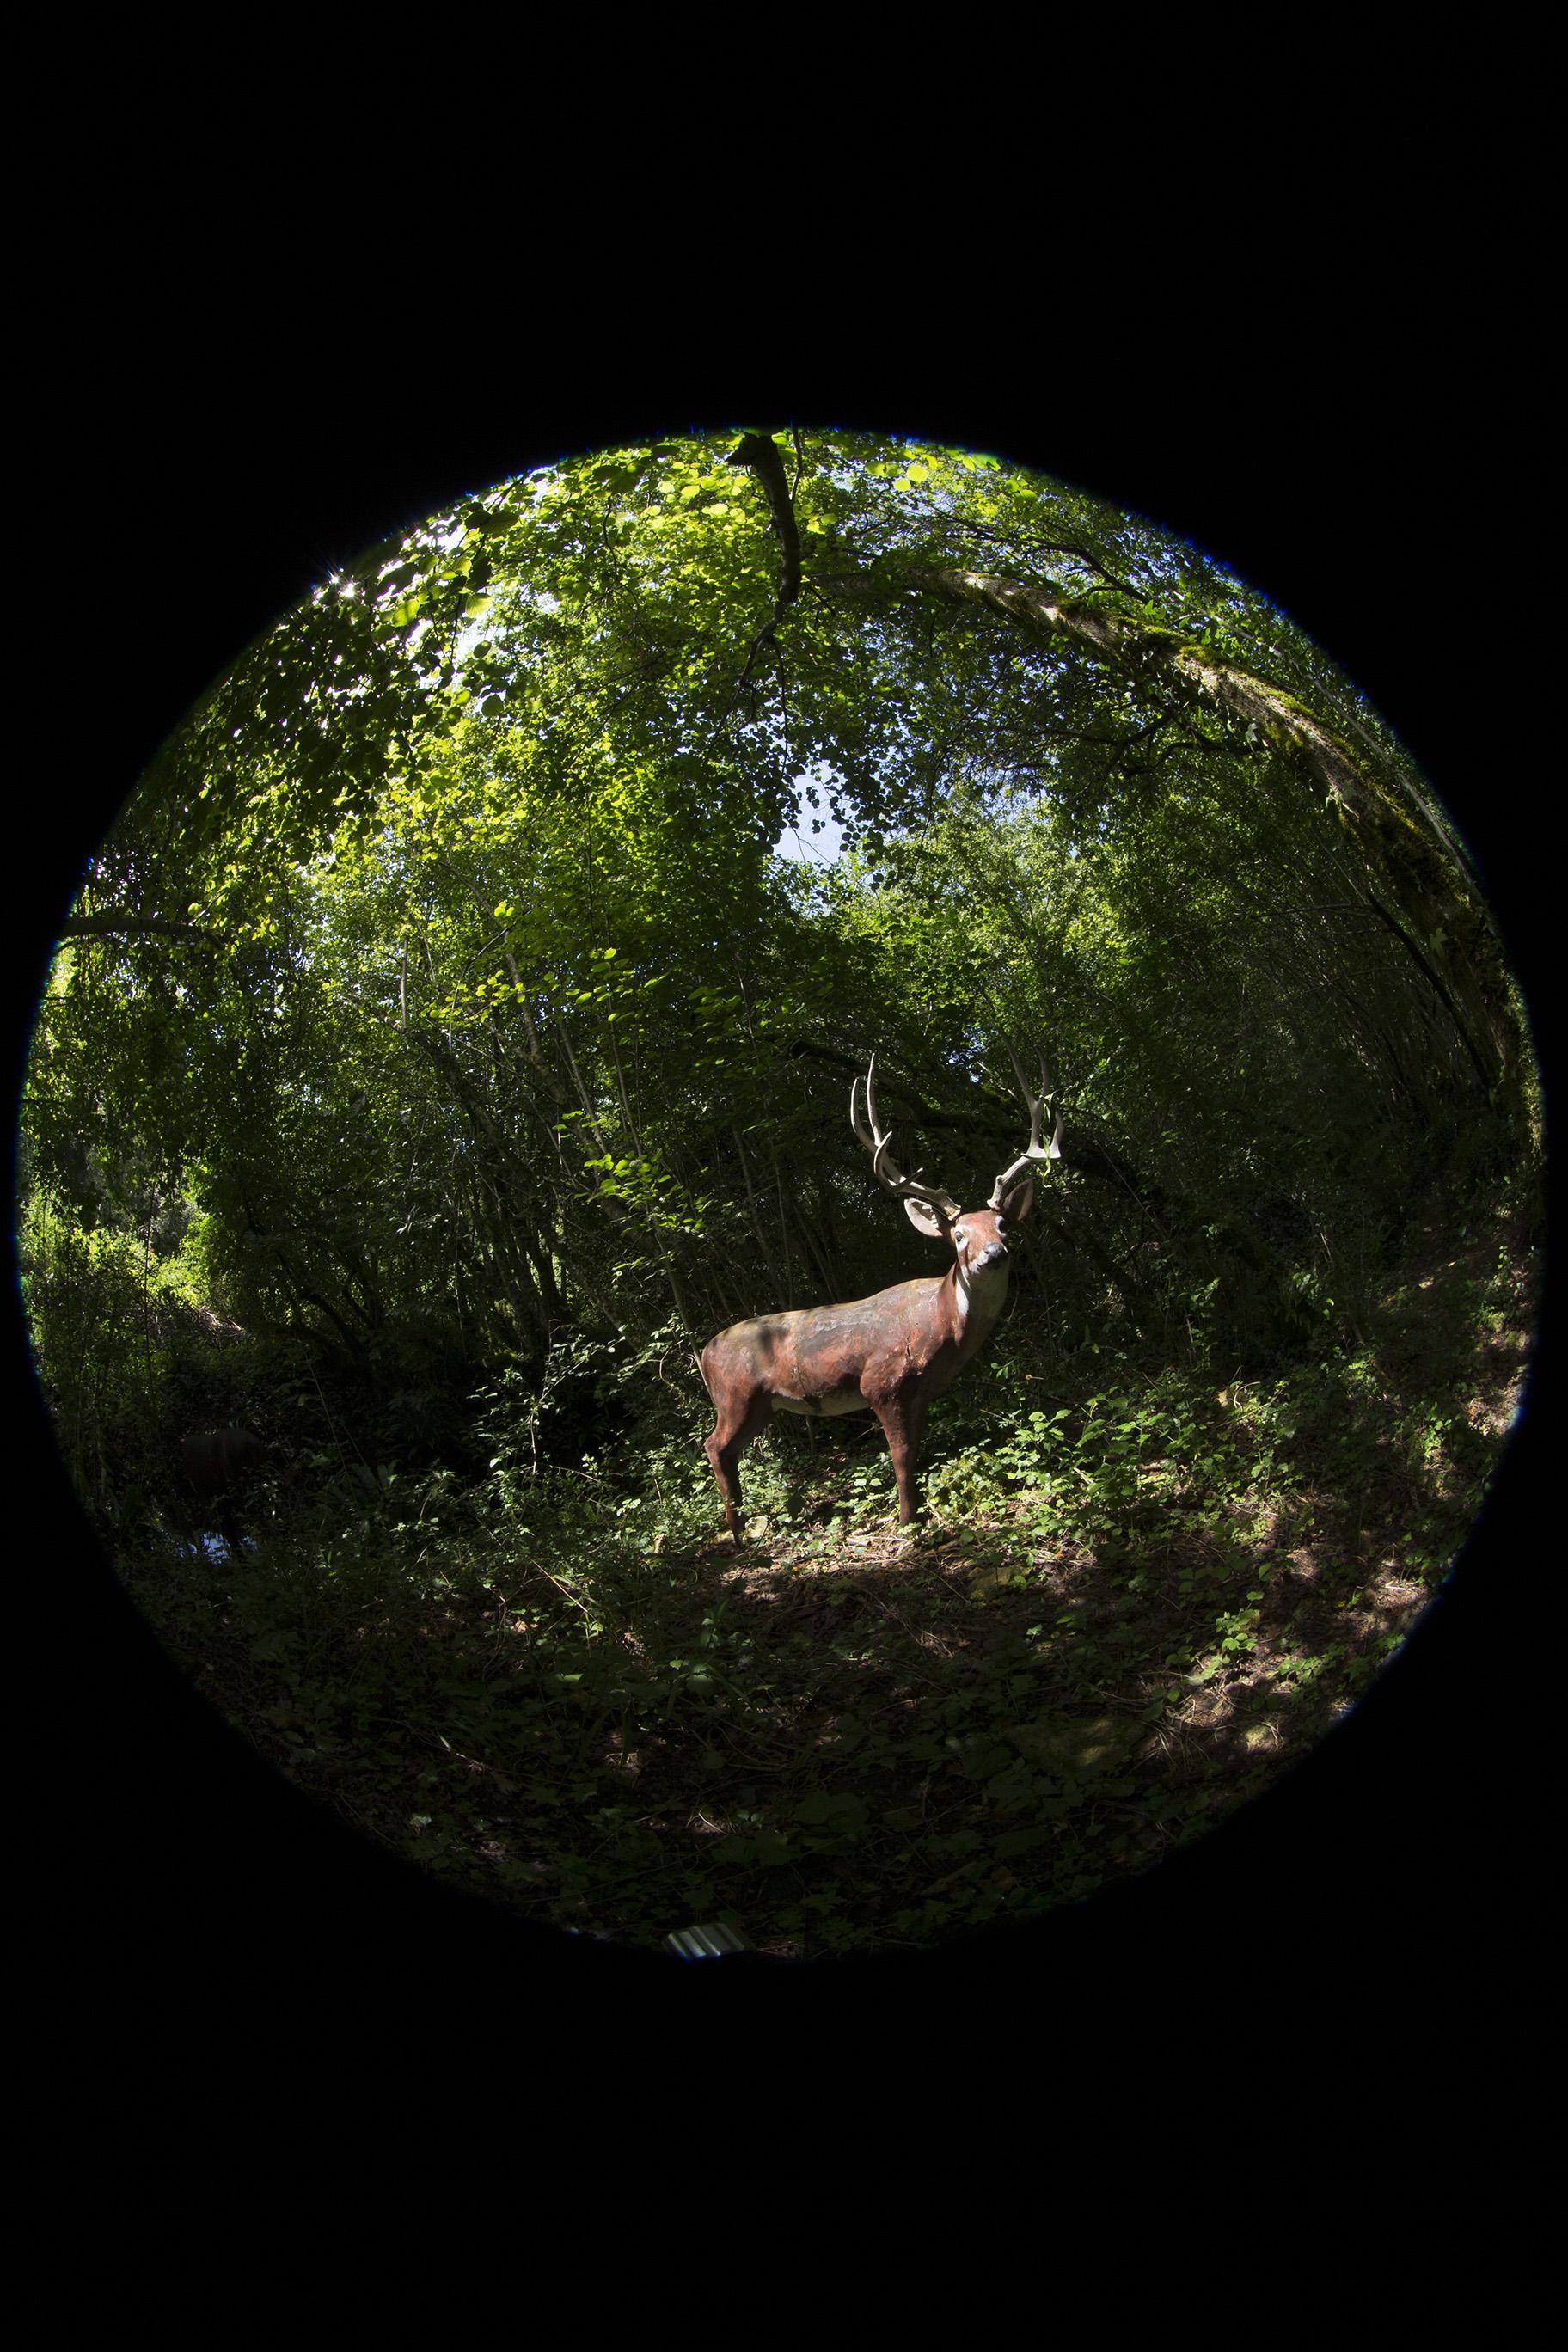 creer-une-visite-virtuelle.com_HDR_Roc_de_cazelle-1.jpg